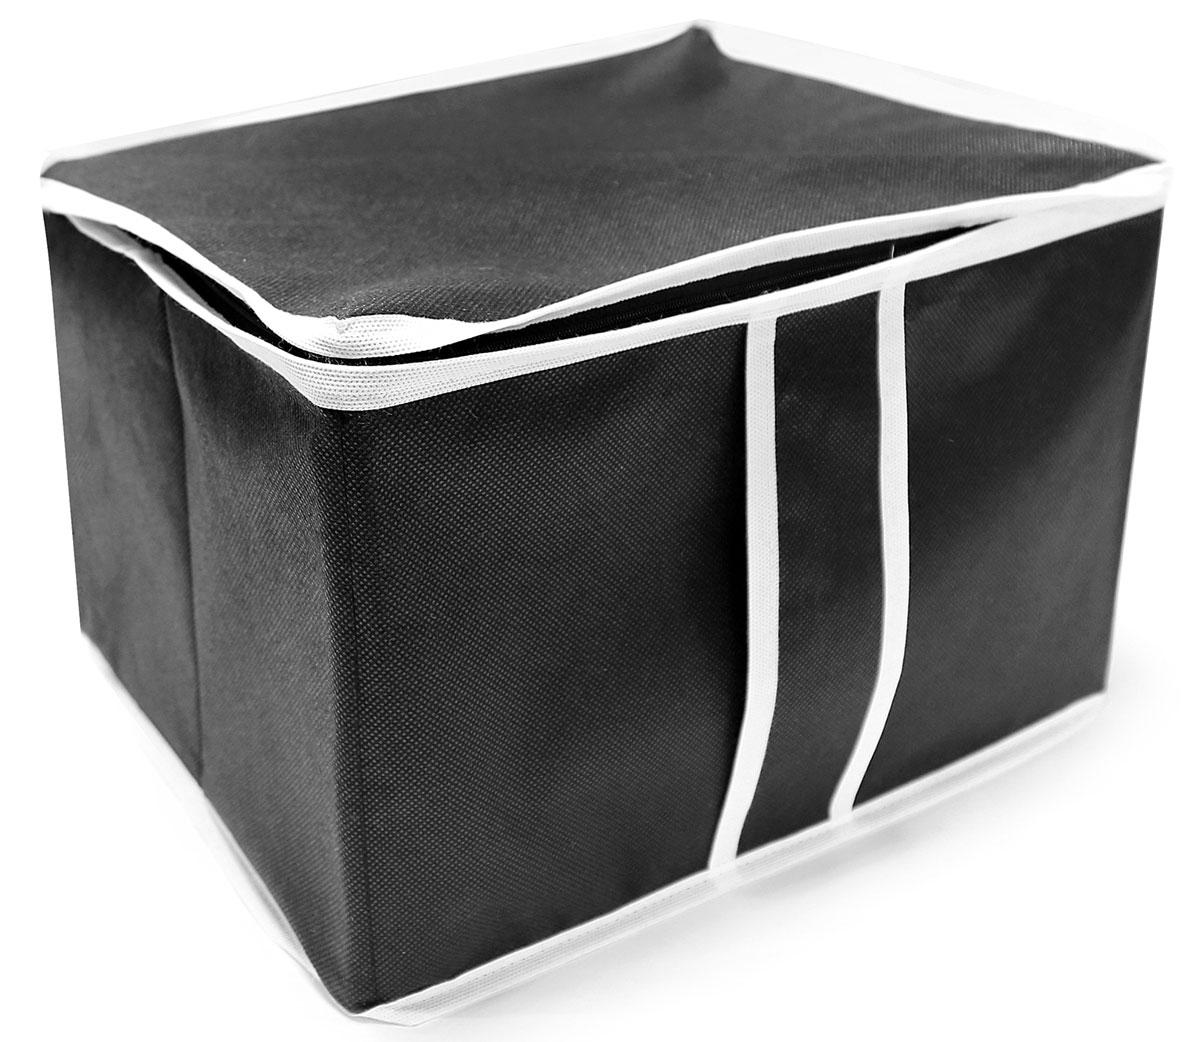 Органайзер для хранения Eva, цвет: черный, 35 х 30 х 25 смЯ4610Органайзер для хранения Eva - это раскладная коробка для стеллажей и антресолей. Изделие выполнено из дышащего материала - спанбонда. Оно позволит сэкономить место при хранении. Органайзер имеет твердые стенки и дно и закрывается крышкой на молнии.